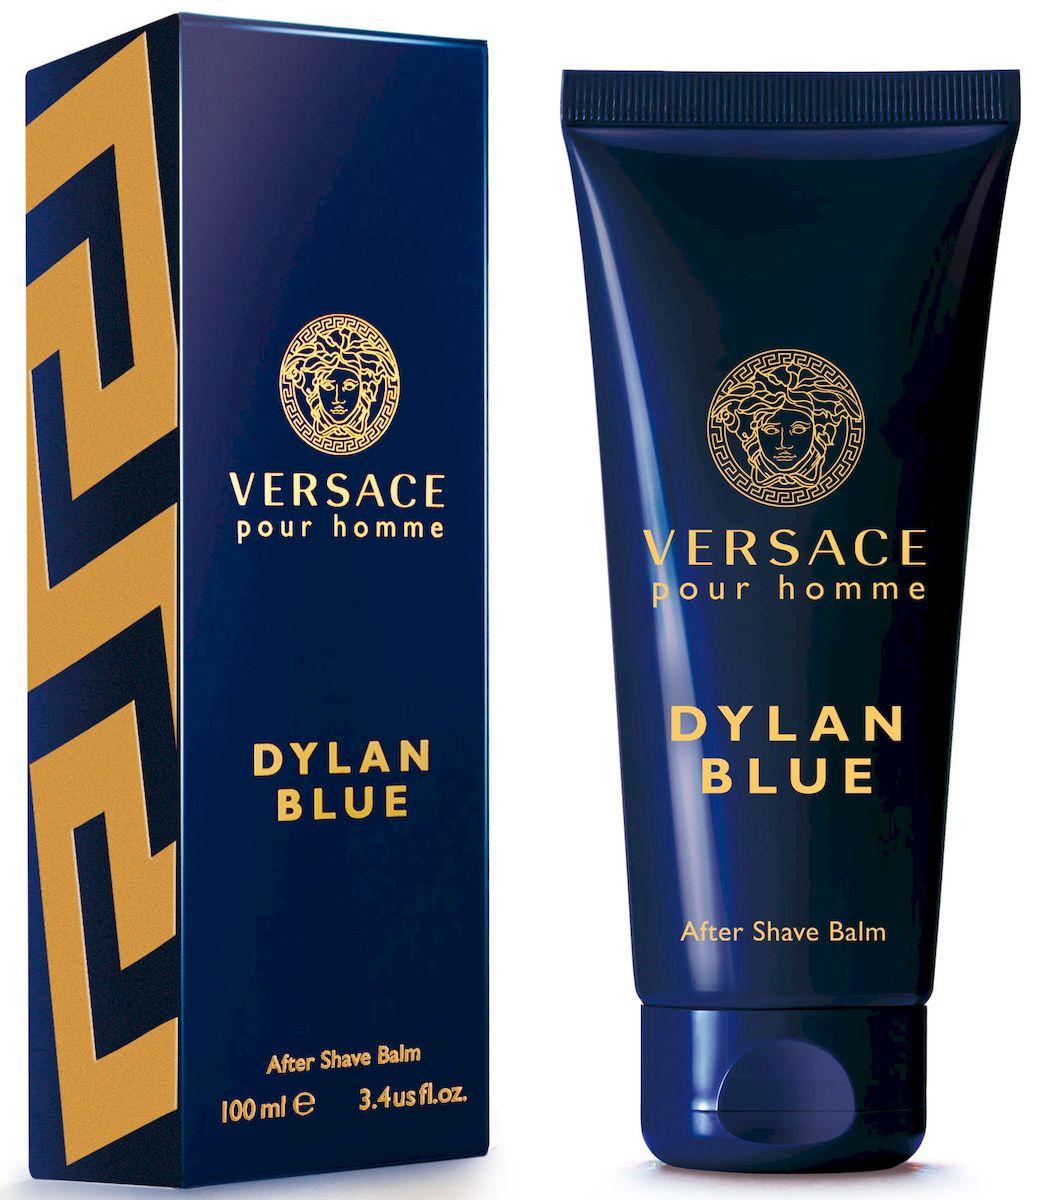 Versace Dylan Blue Бальзам после бритья 100 мл 721016